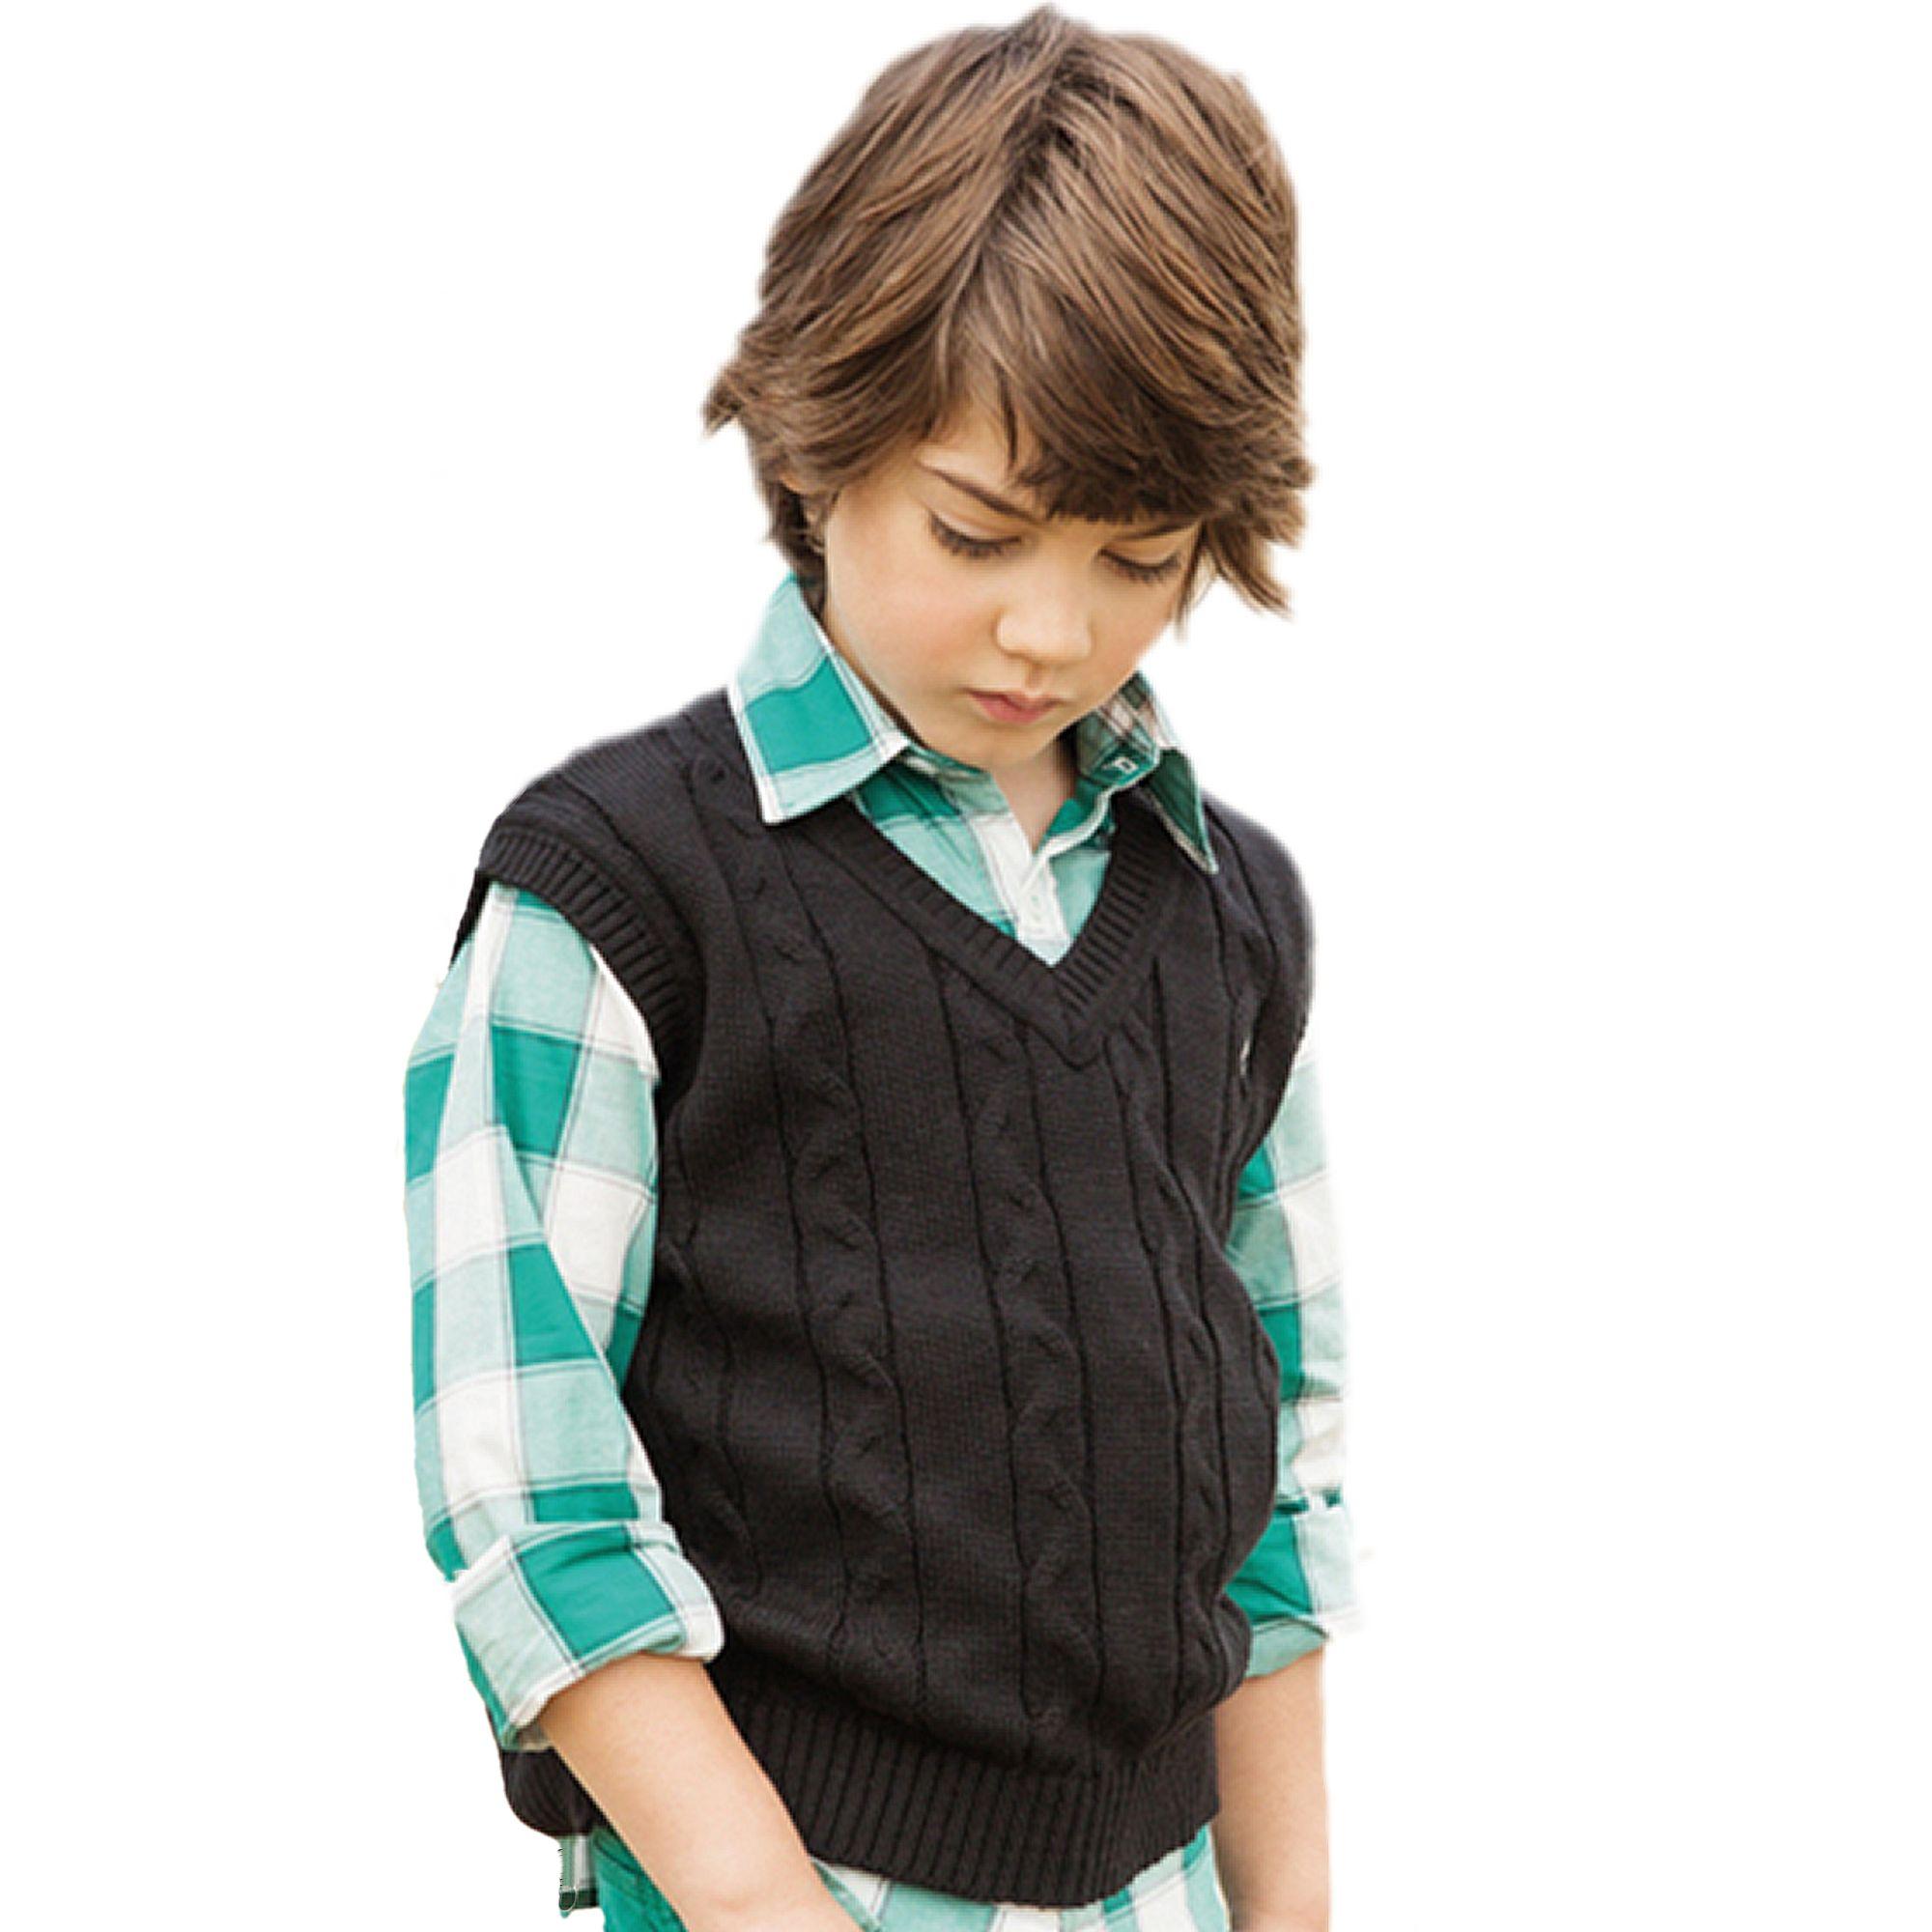 colete-infantil-trico-preto-com-trancas-toffee-inverno